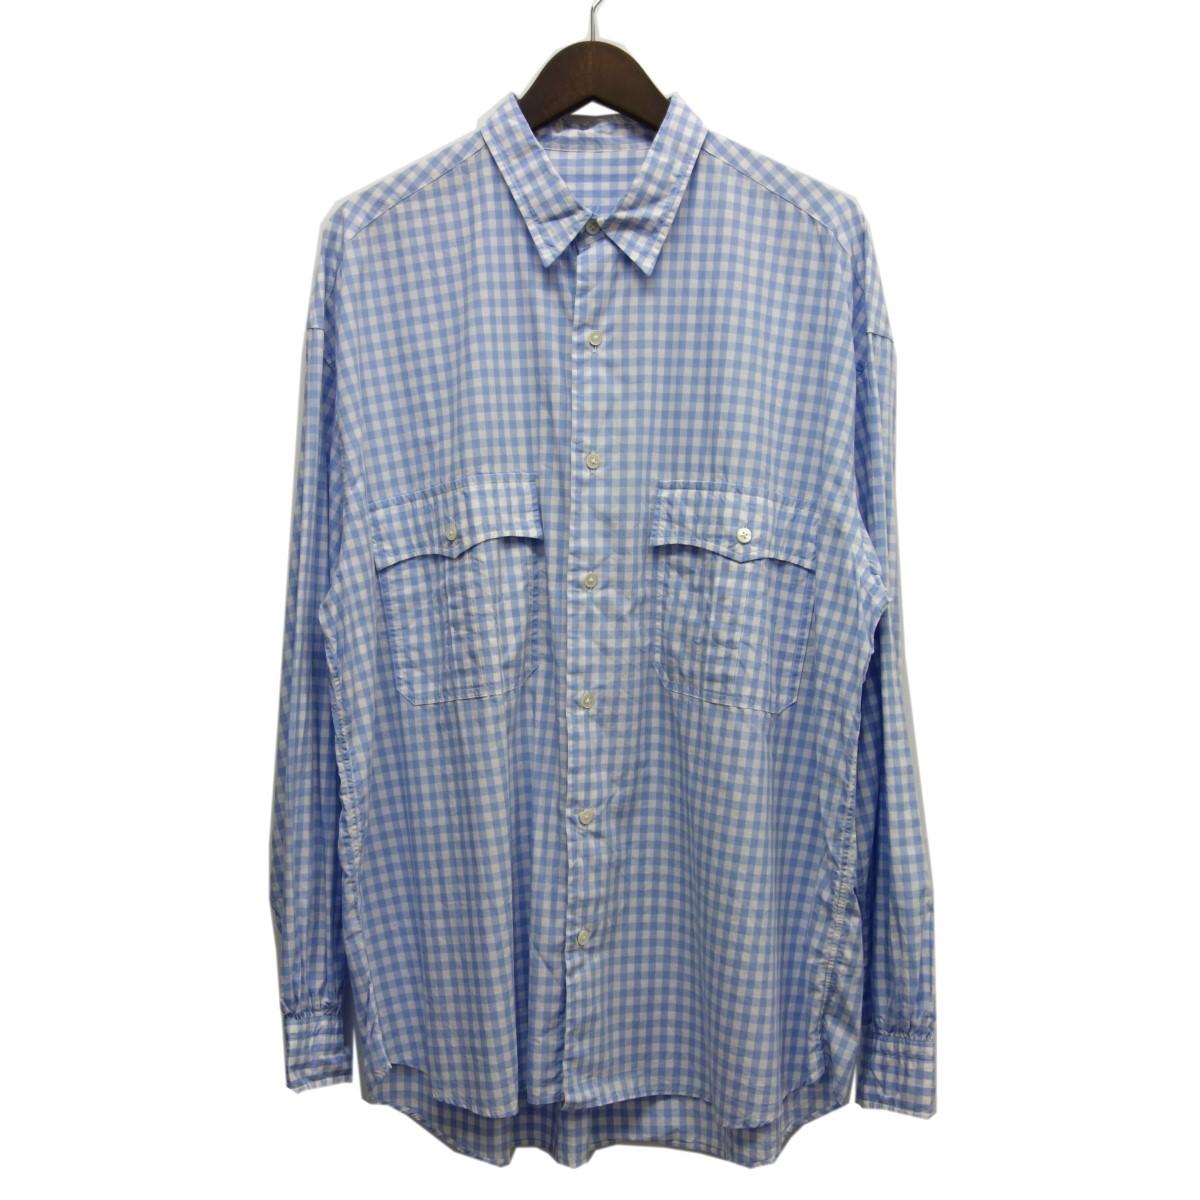 【中古】Porter Classic 「ROLL UP SHIRT」ギンガムチェックロールアップシャツ ライトブルー サイズ:L 【100420】(ポータークラシック)